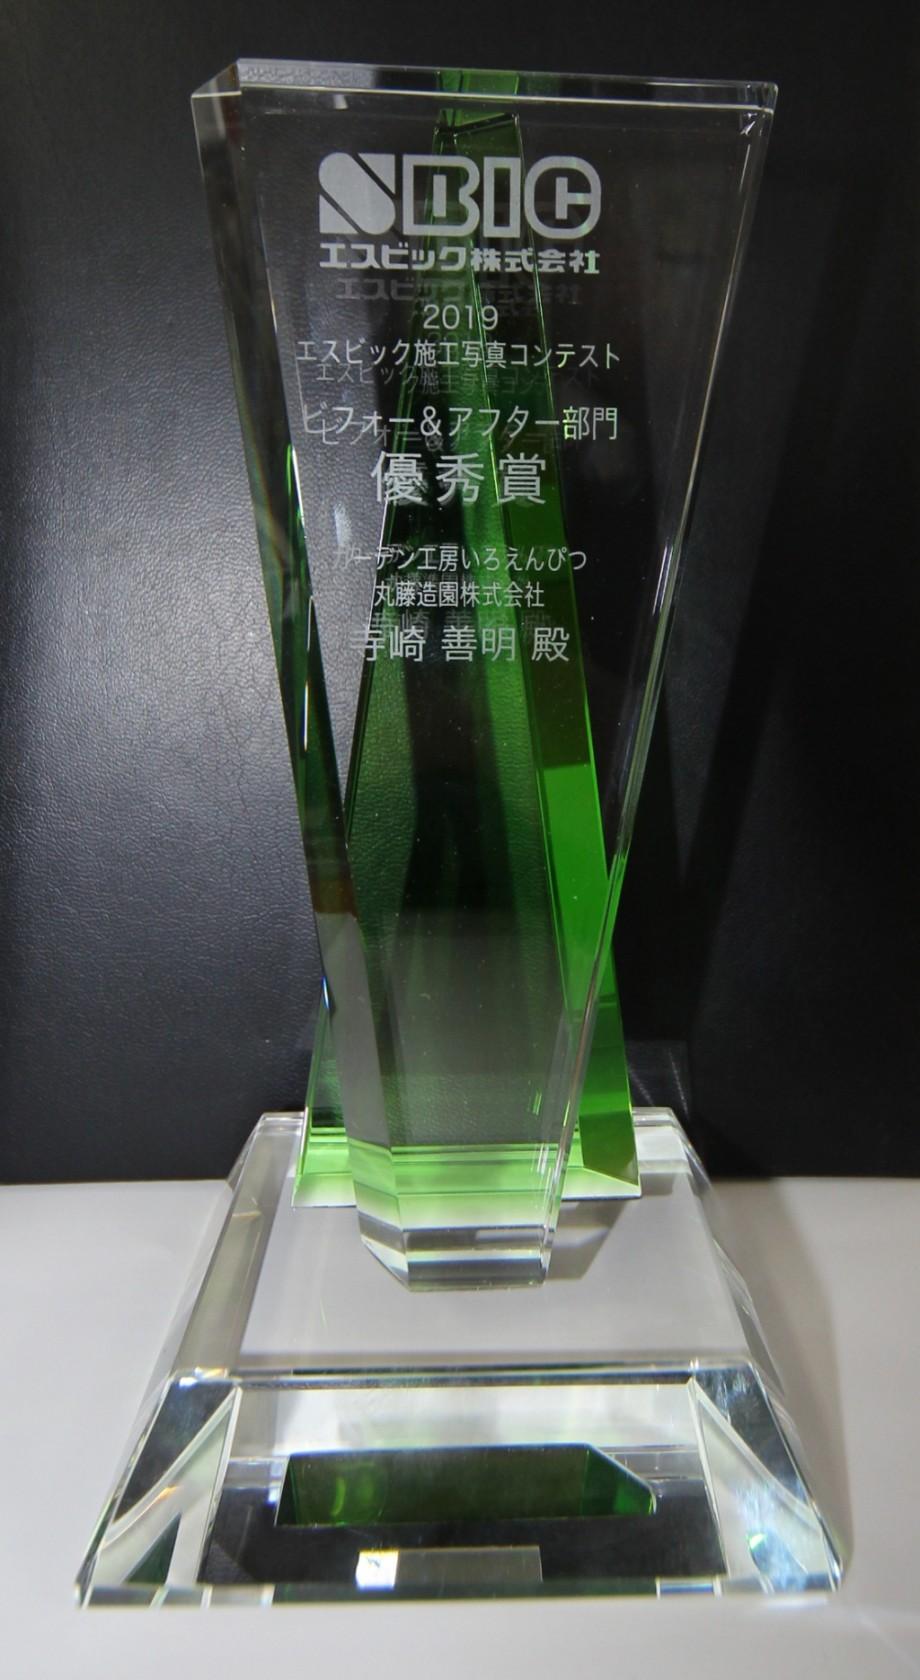 施工写真コンテスト2019